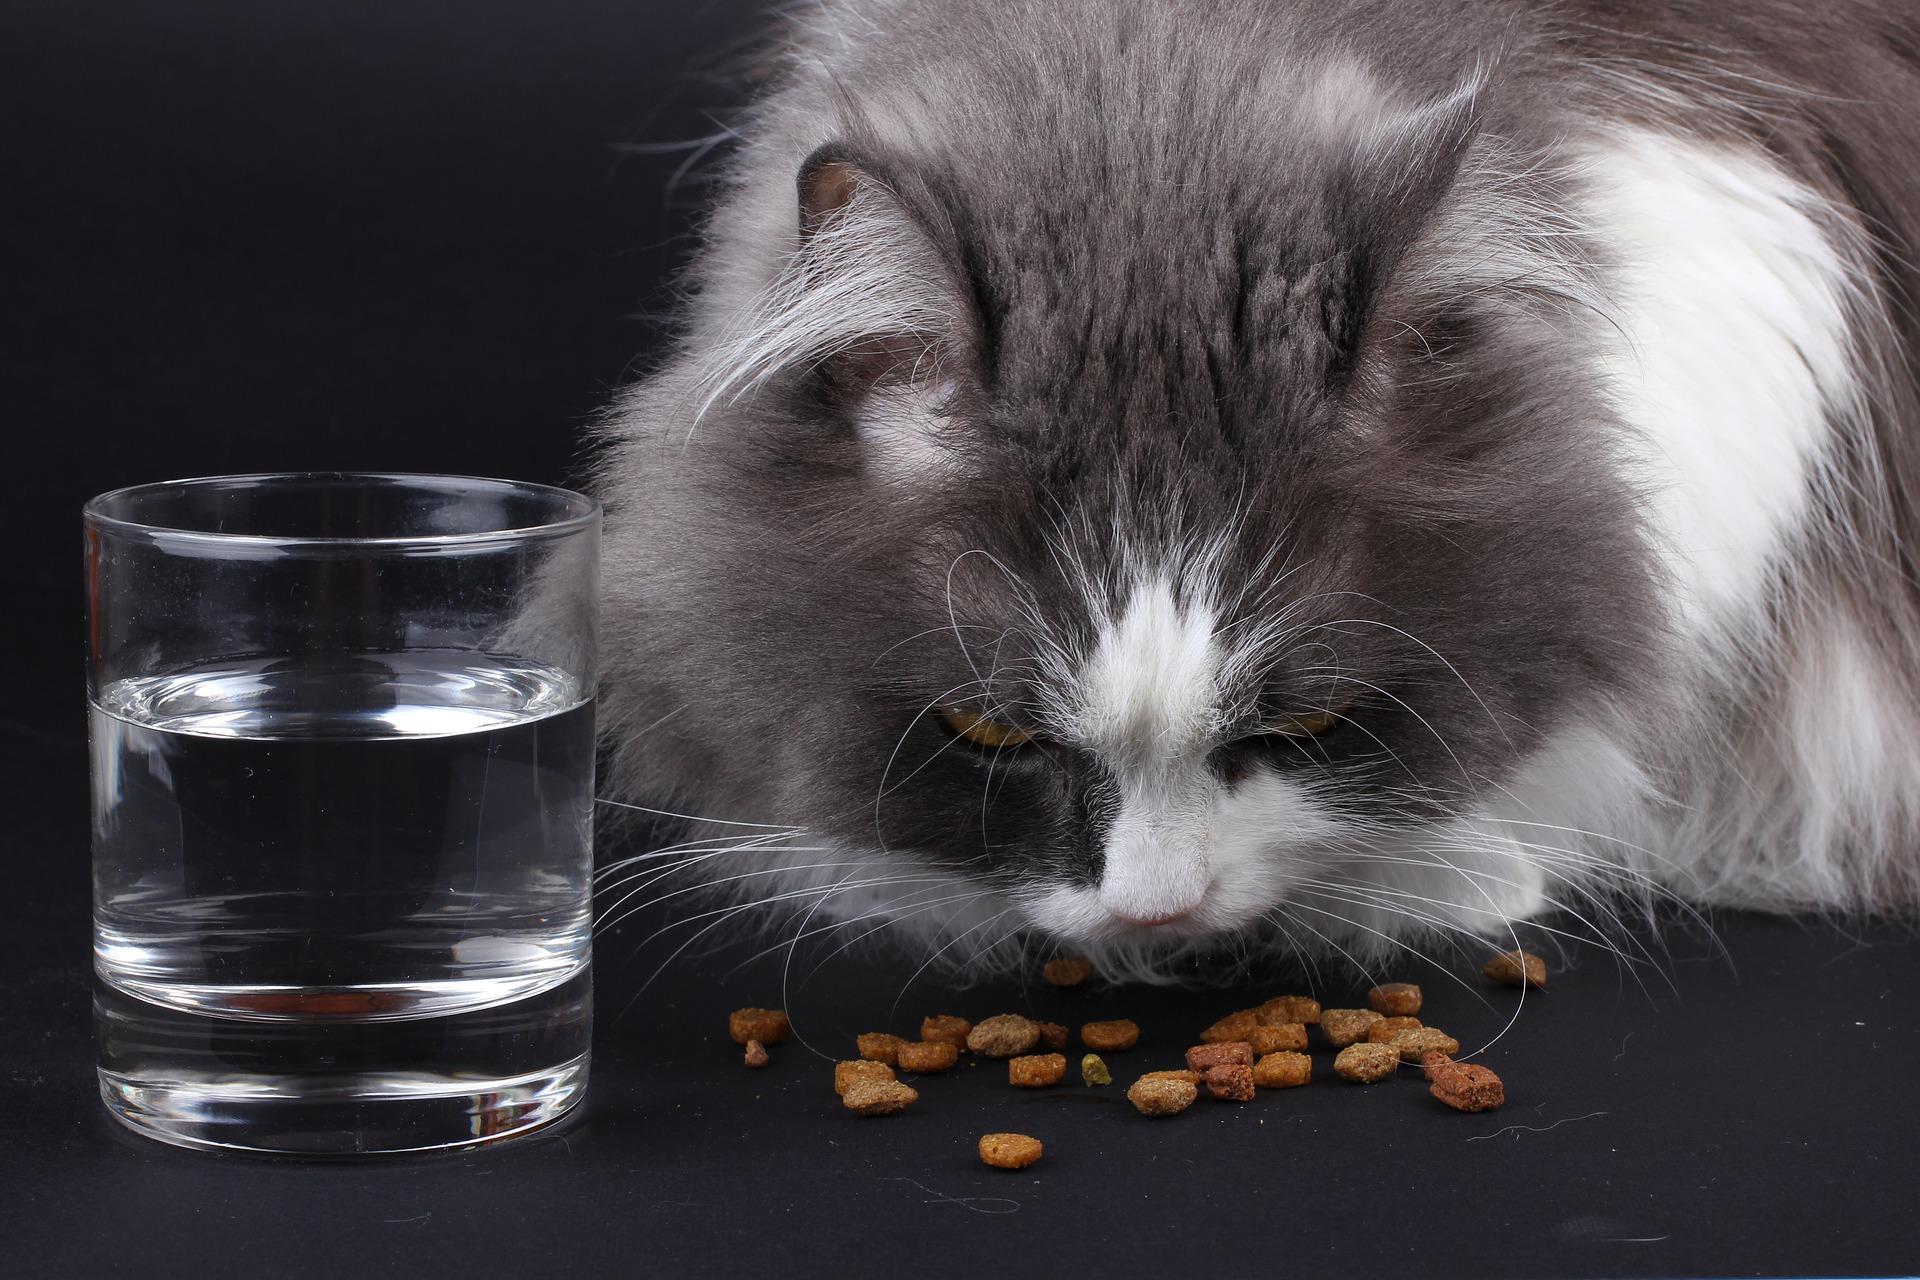 cat-1798147_1920